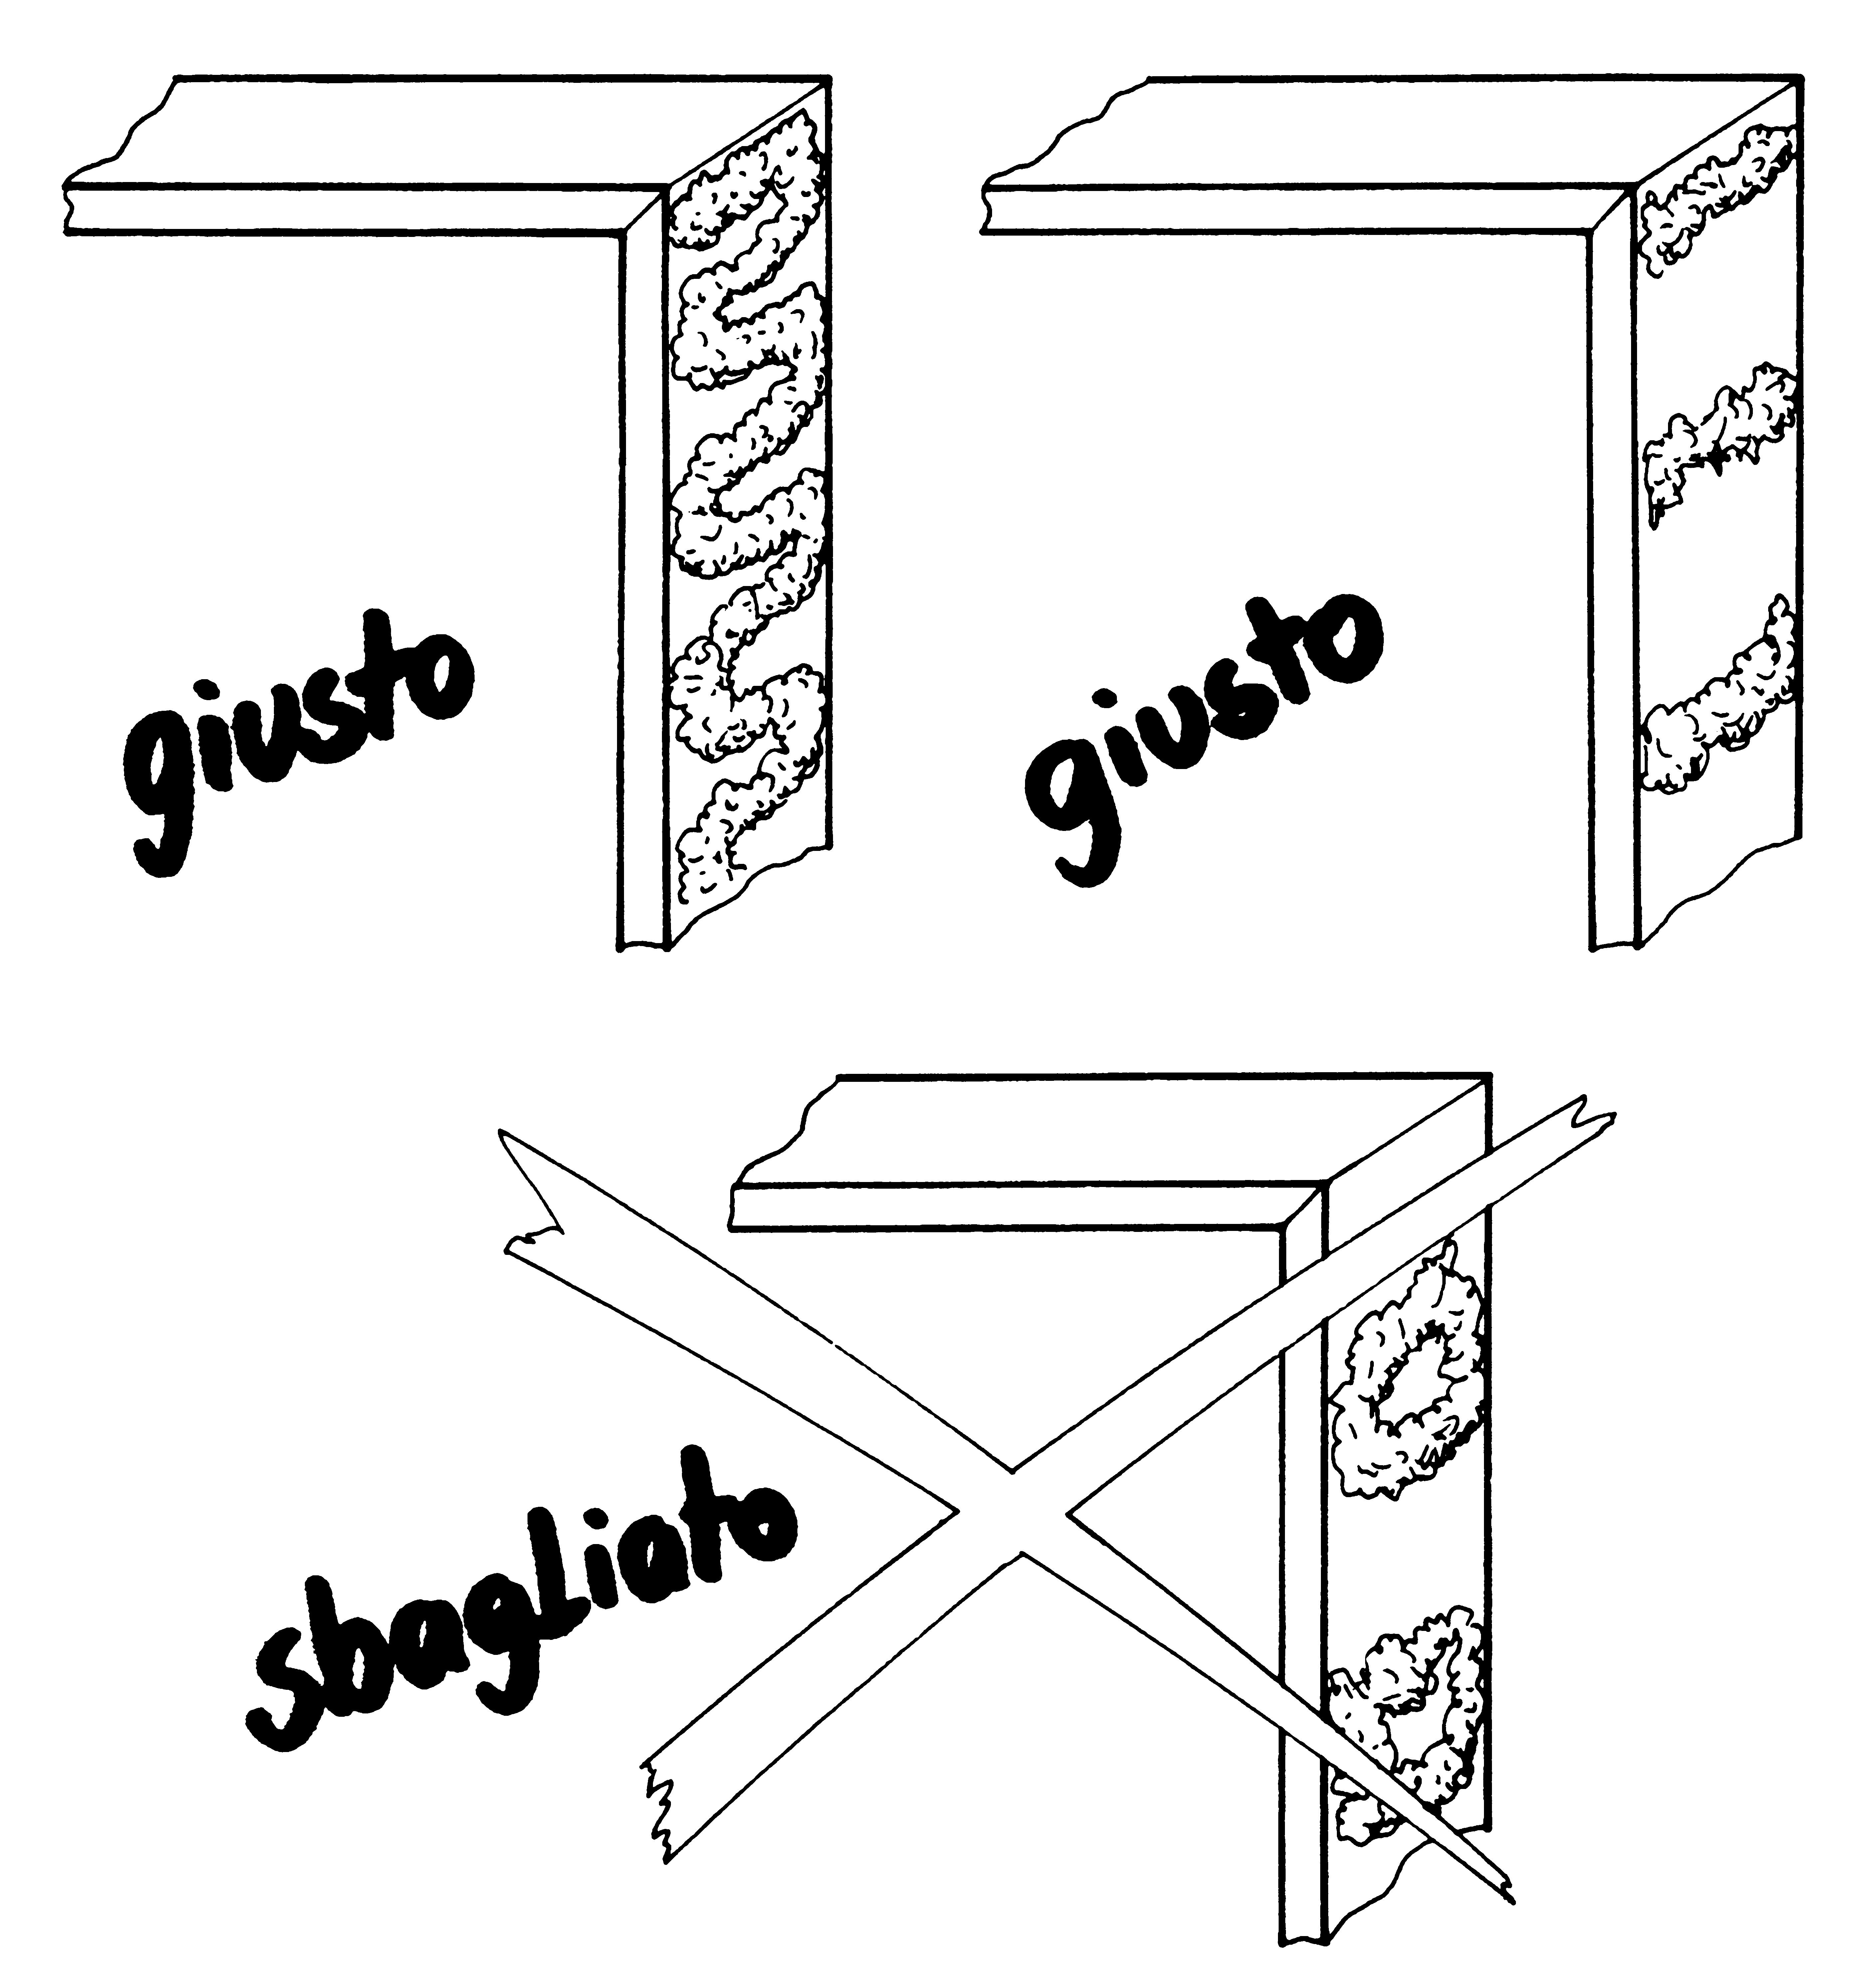 Come utilizzare la schiuma poliuretanica per il montaggio - Montaggio porta a libro effebiquattro ...